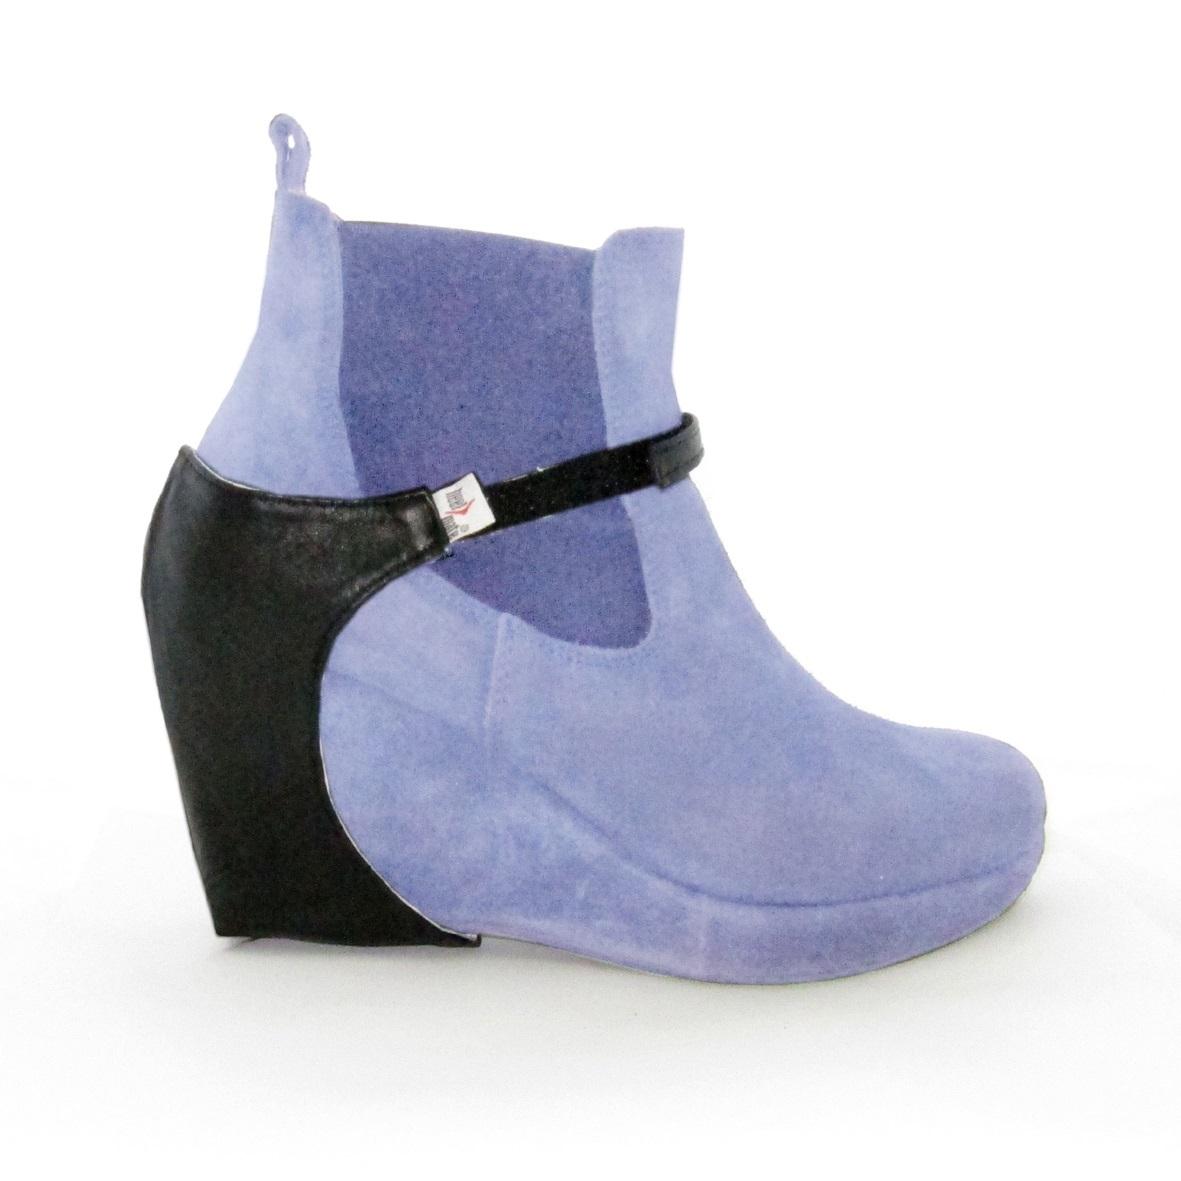 Автопятка для женской обуви на танкетке, танкетка до 7 см